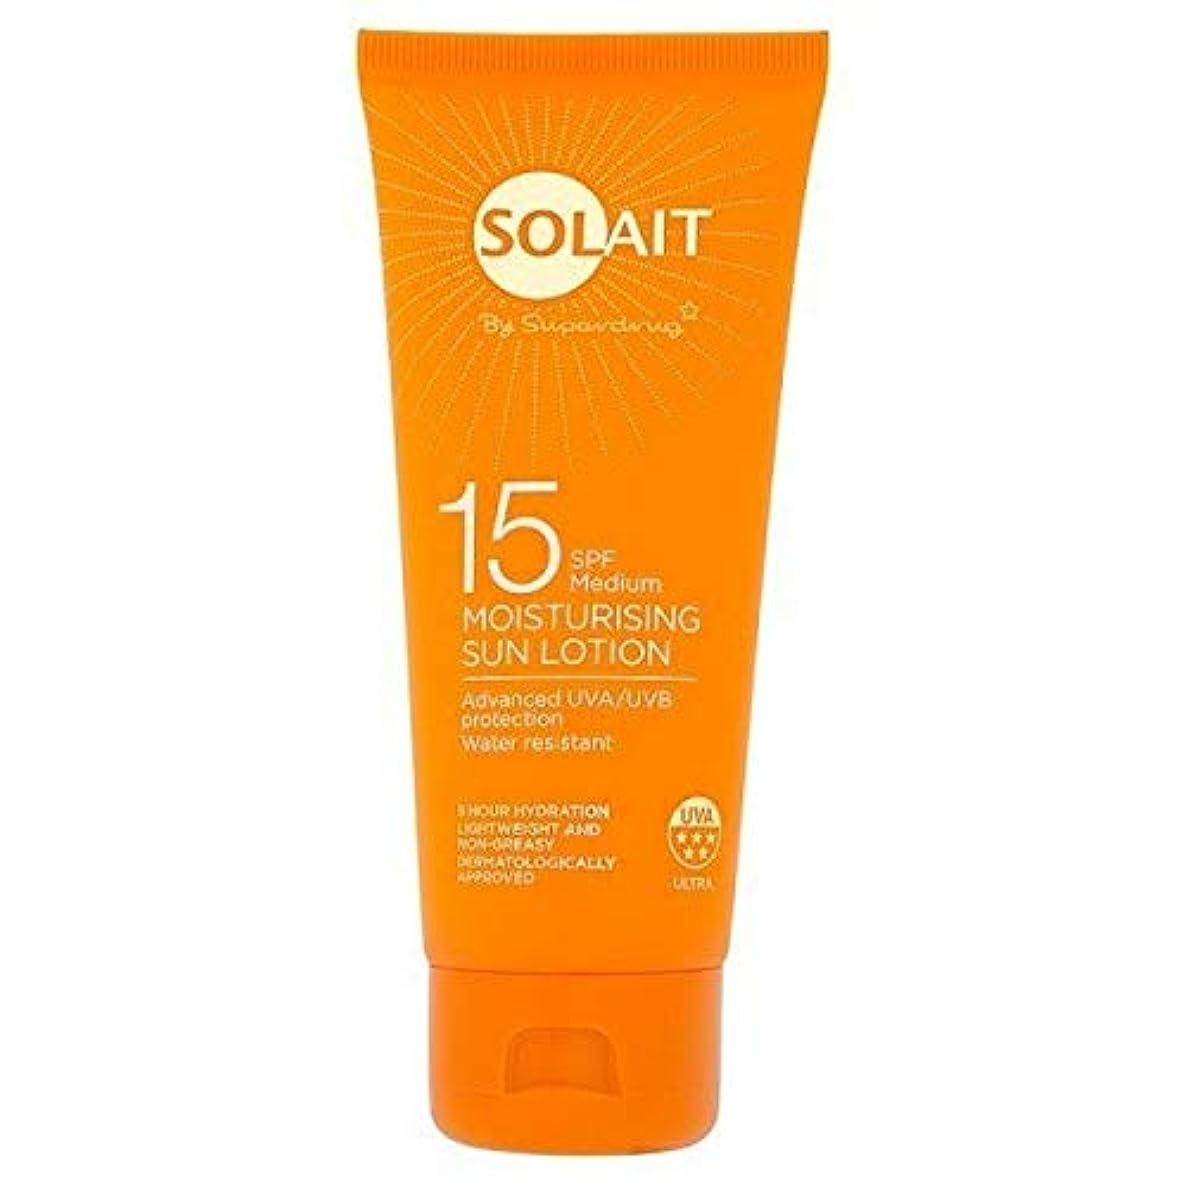 クレデンシャル対称スリップシューズ[Solait] Solait日クリームミニSpf15の100ミリリットル - Solait Sun Cream Mini SPF15 100ml [並行輸入品]